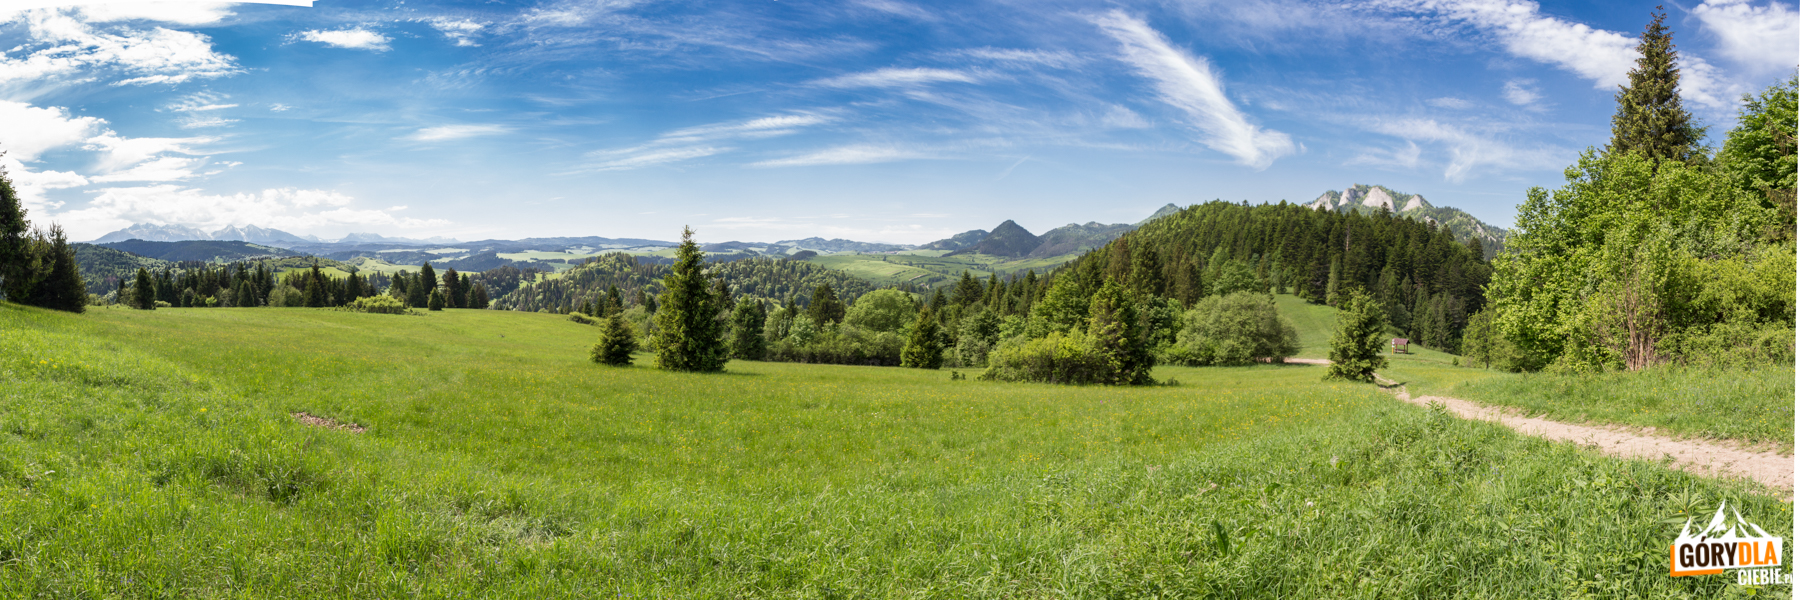 Panorama Tatr iPienin Właściwych znad Przełęczy Cerla (610 m)